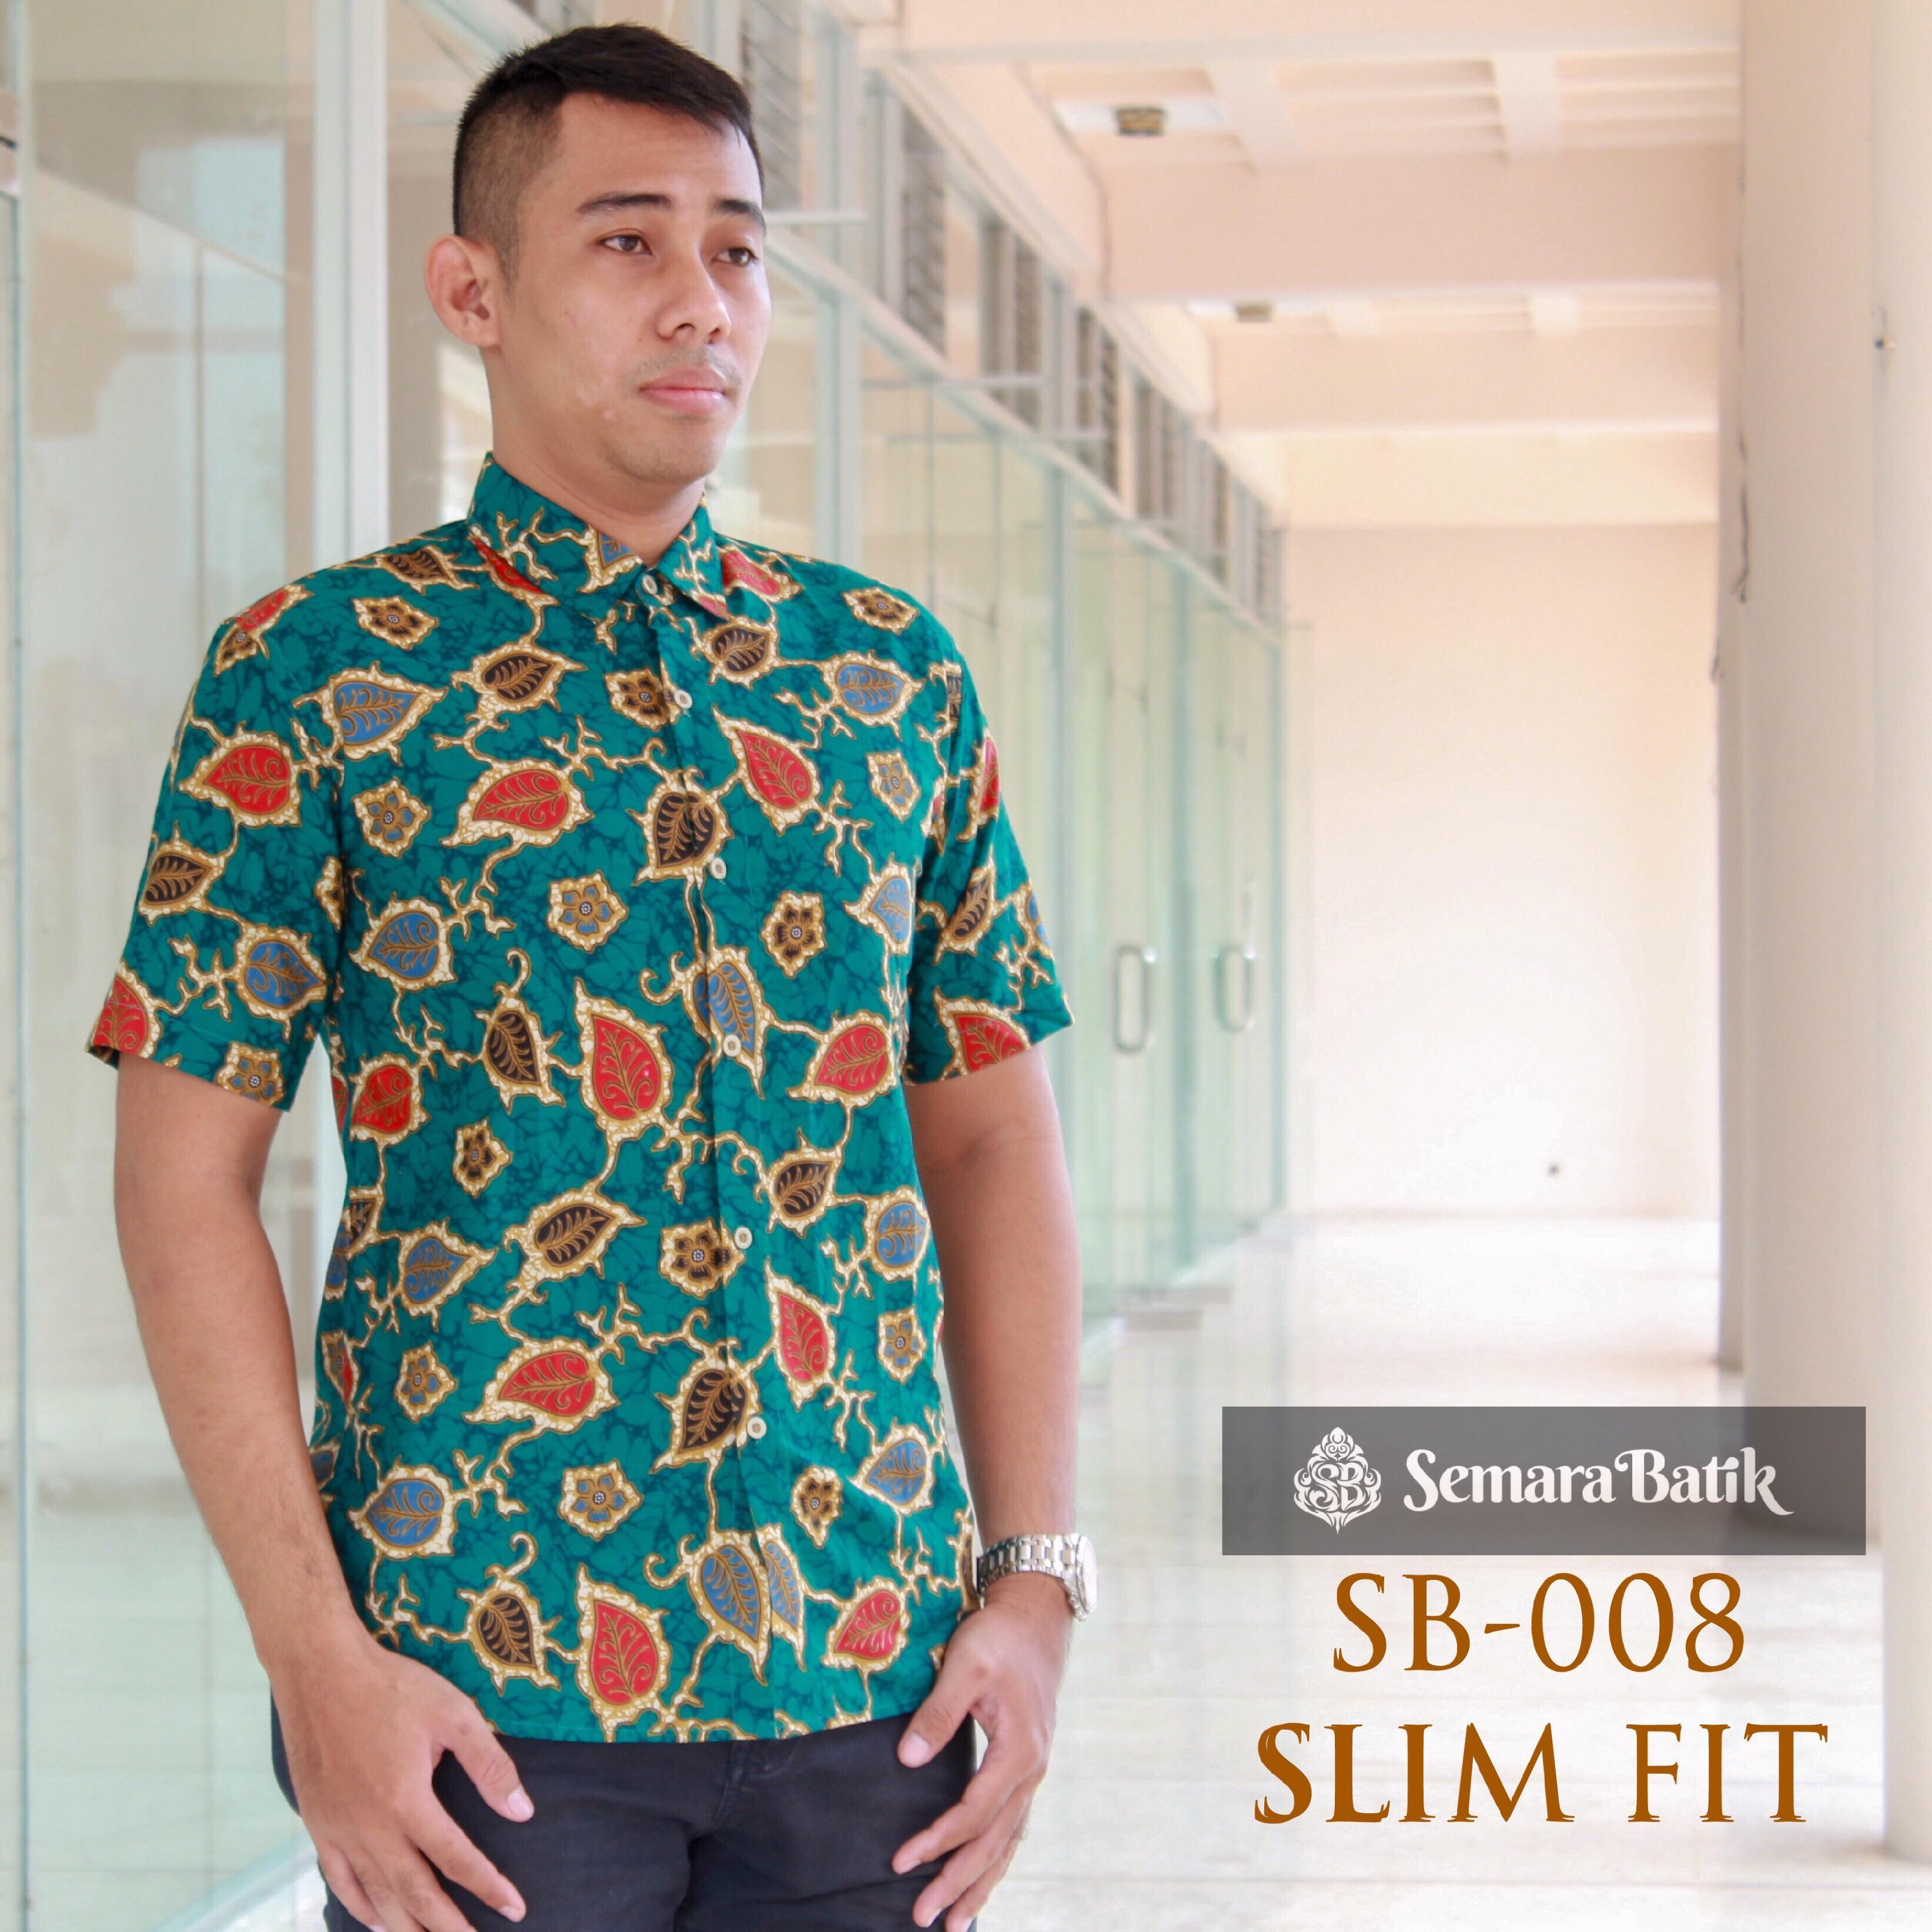 Baju Kemeja Batik Pria / Batik Slimfit Pria / Batik Modern / Atasan Pria / Kemeja